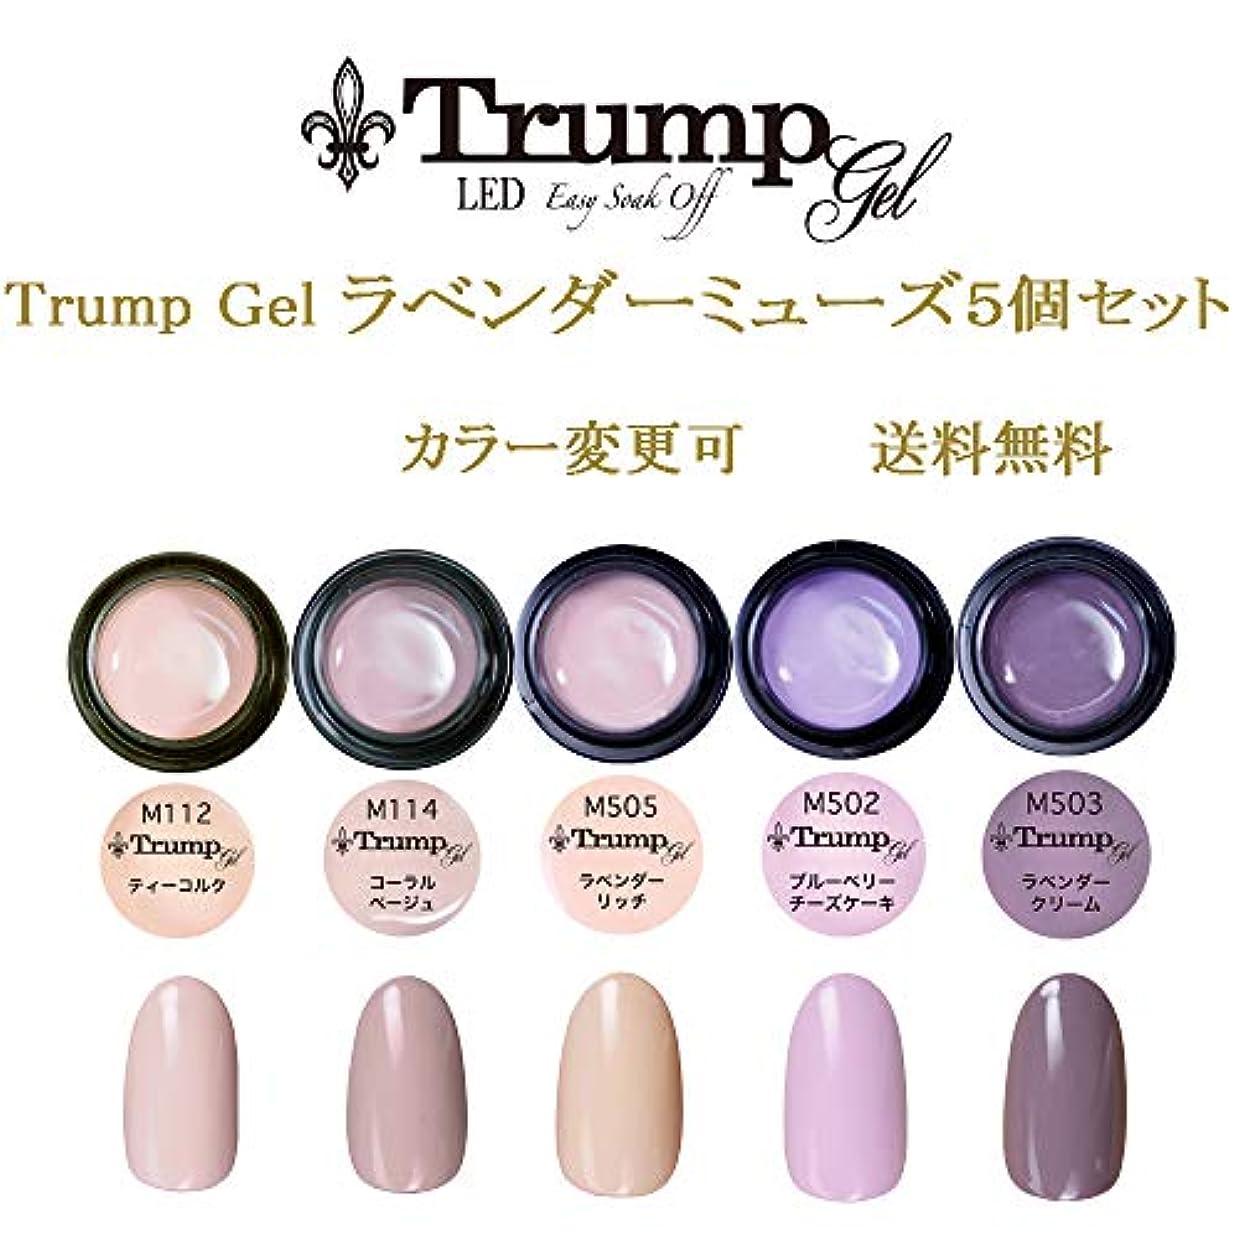 争う委員会パラナ川日本製 Trump gel トランプジェル ラベンダーミューズカラー 選べる カラージェル 5個セット ピンク ベージュ ラベンダーカラー